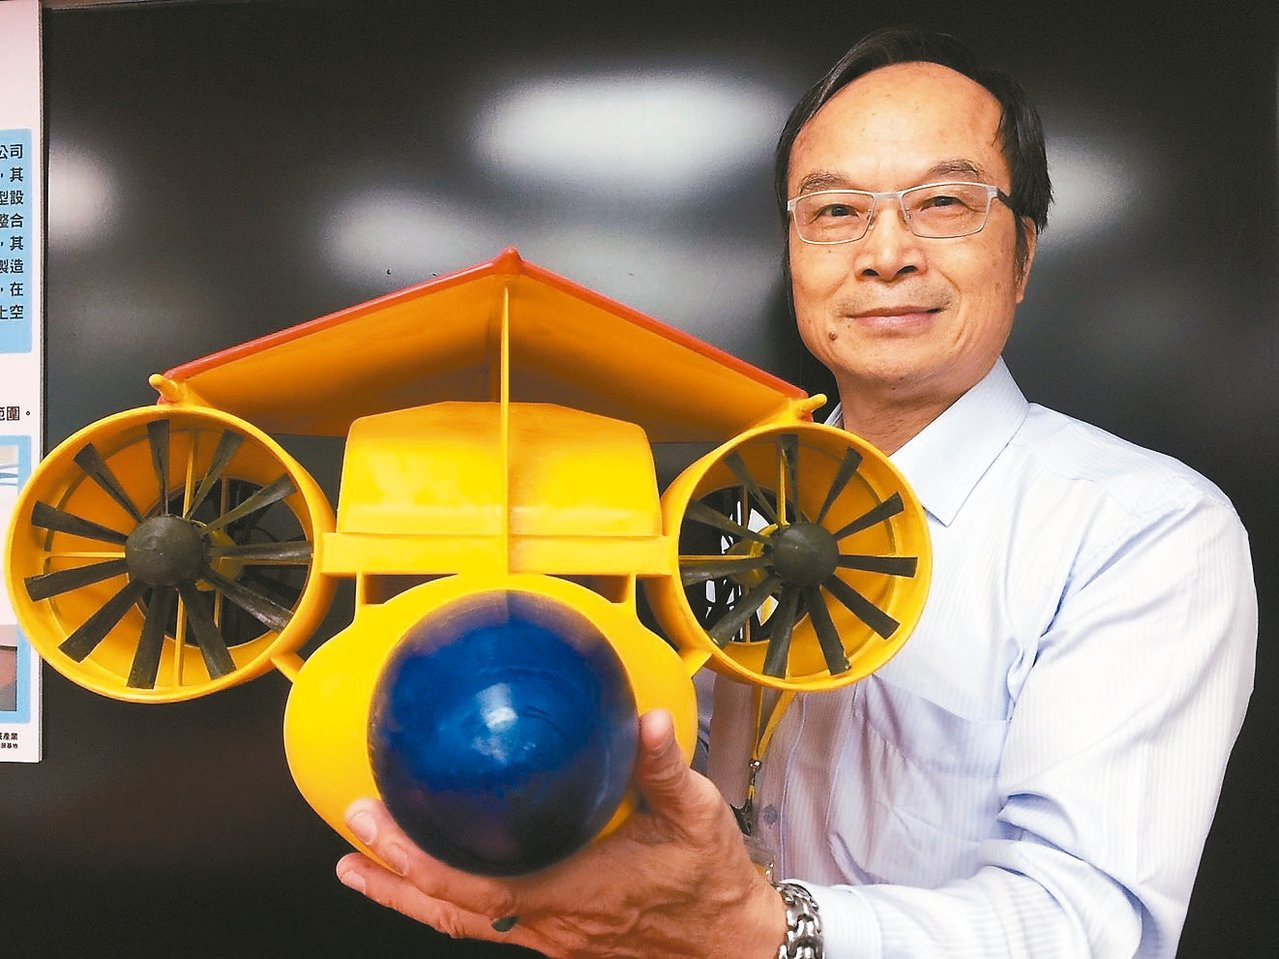 新竹市蜂鳥飛行器公司董事長林瑤章研發的蜂鳥風行器模型。 記者郭宣彣/攝影